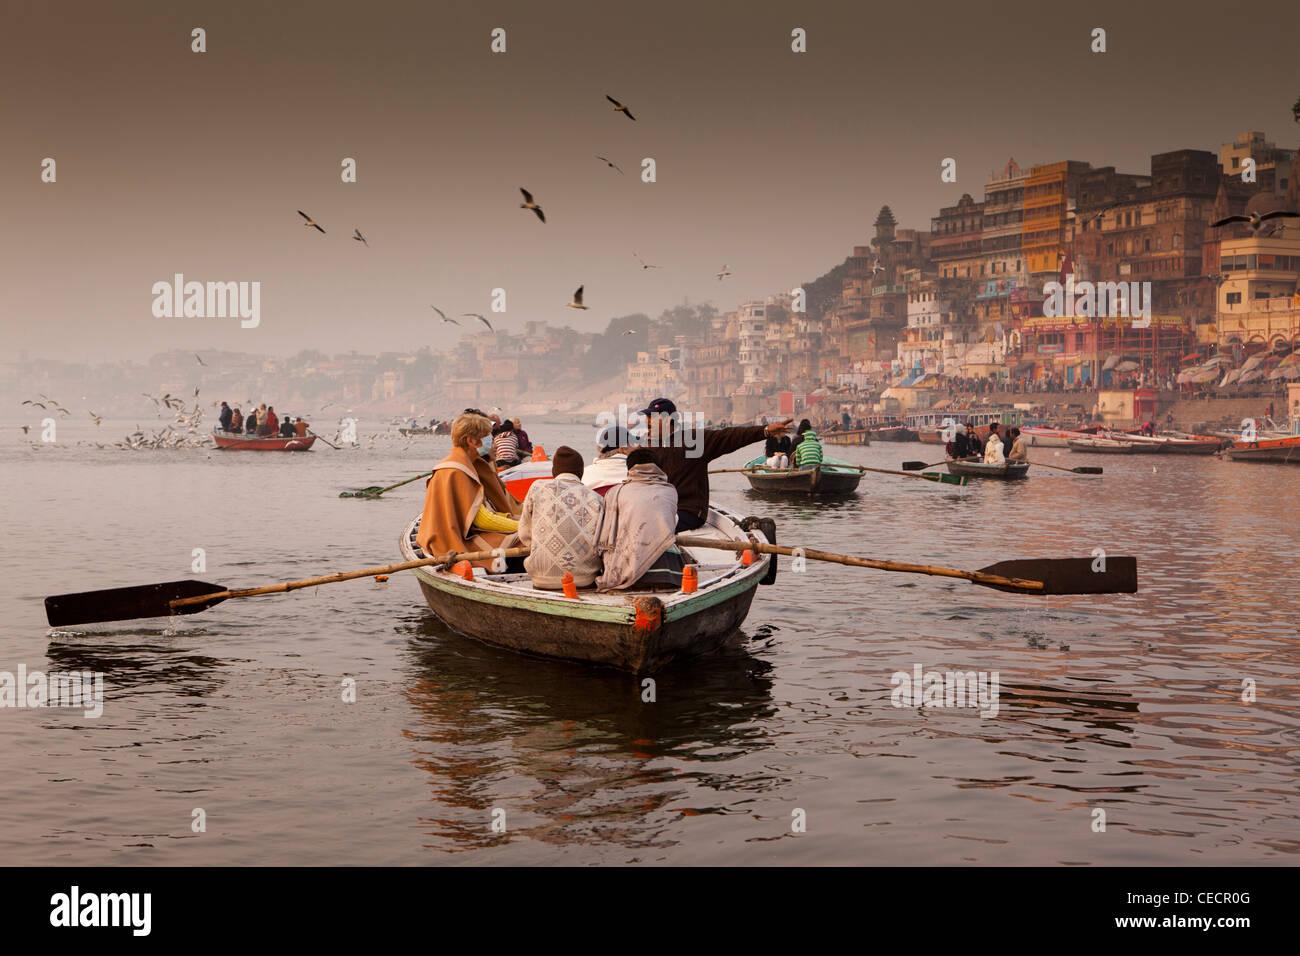 N2700 en Inde, Uttar Pradesh, Varanasi, les touristes appréciant l'aube rowing boat tour sur fleuve Ganges Photo Stock